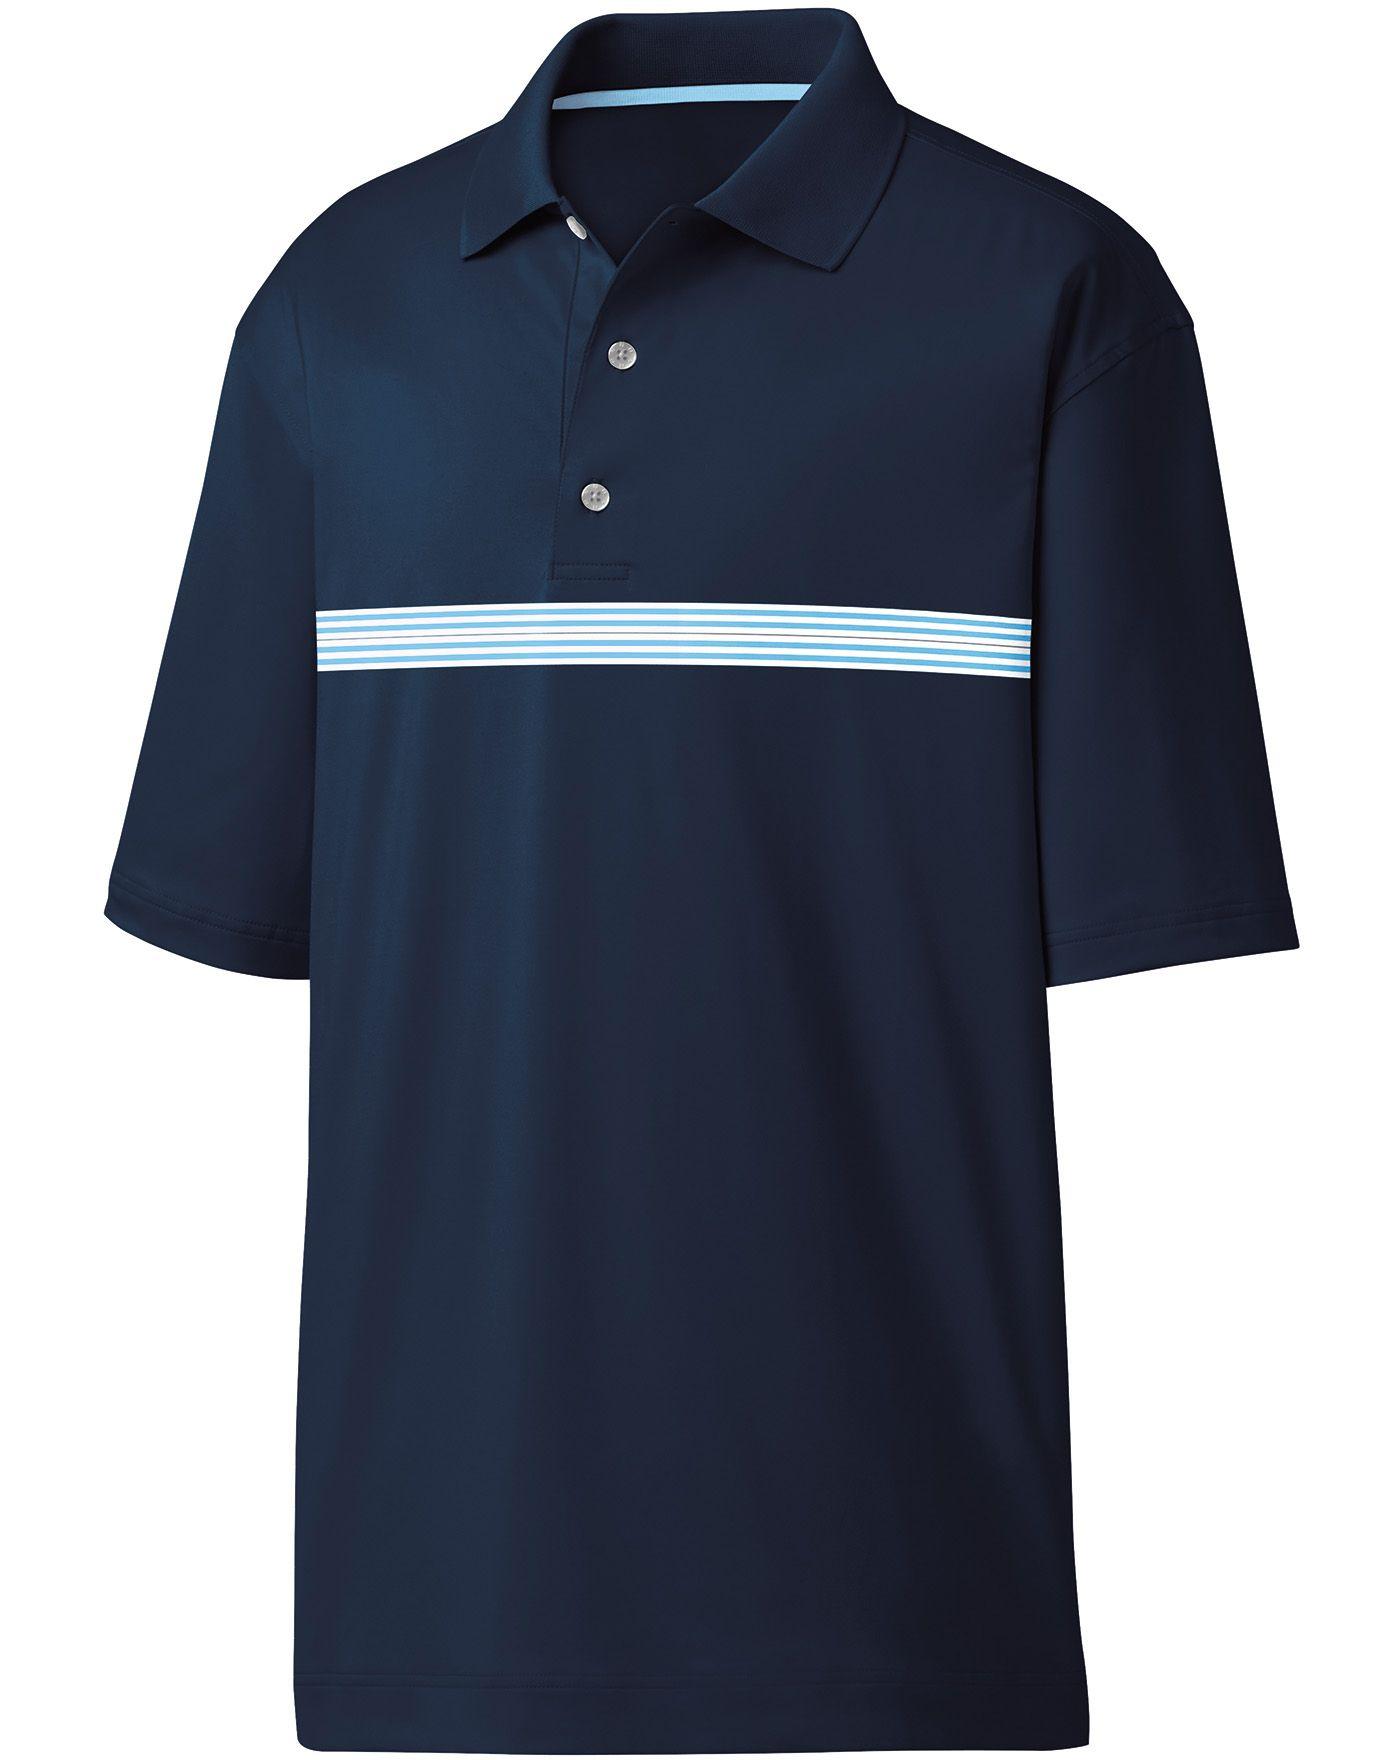 FootJoy Men's Lisle Multi Stripe Chestband Golf Polo